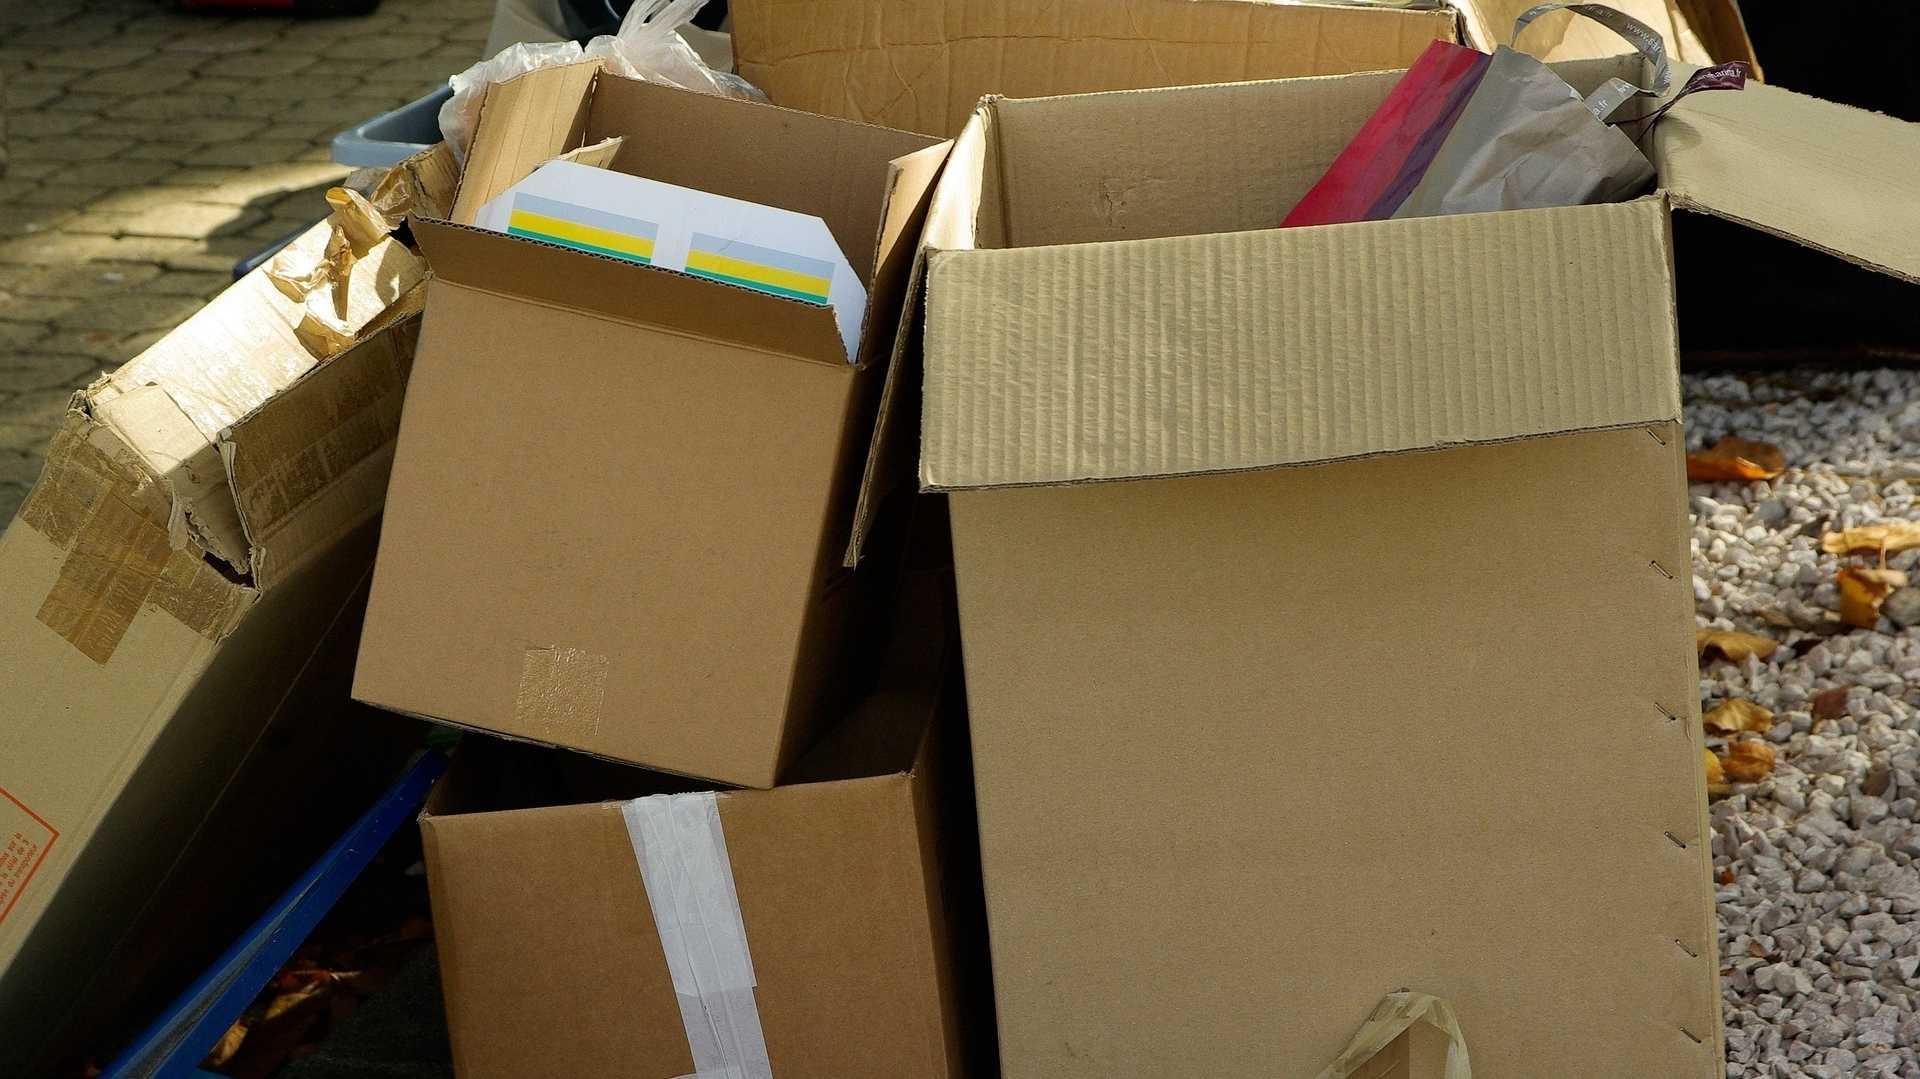 Mehr Altpapier durch Online-Shopping: Volumenanteil durch Kartons steigt